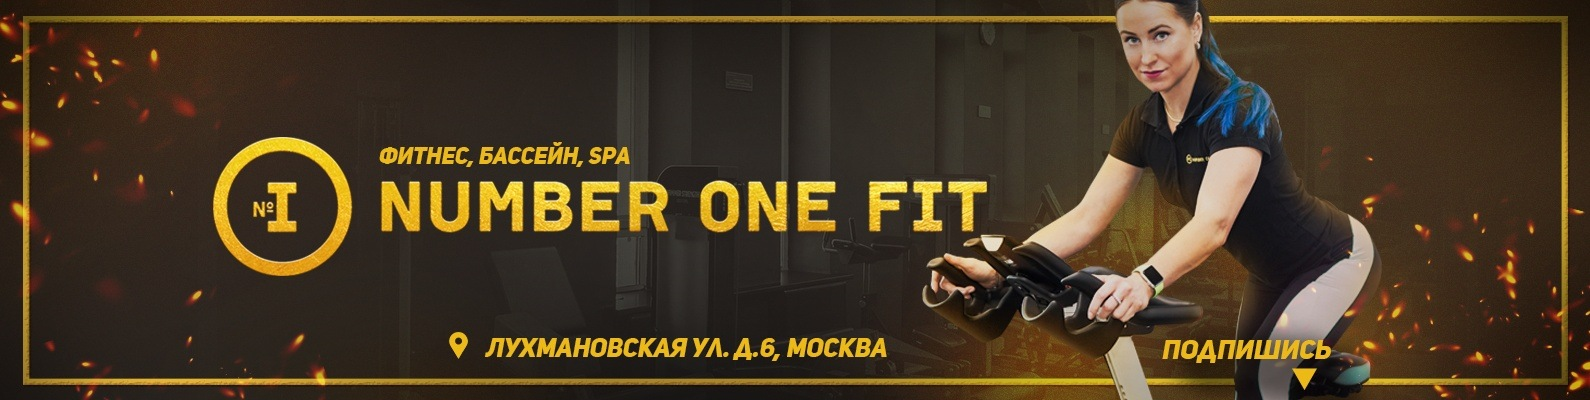 Вакансии управляющий в фитнес клуб москва ночные клубы в чебоксарах видео